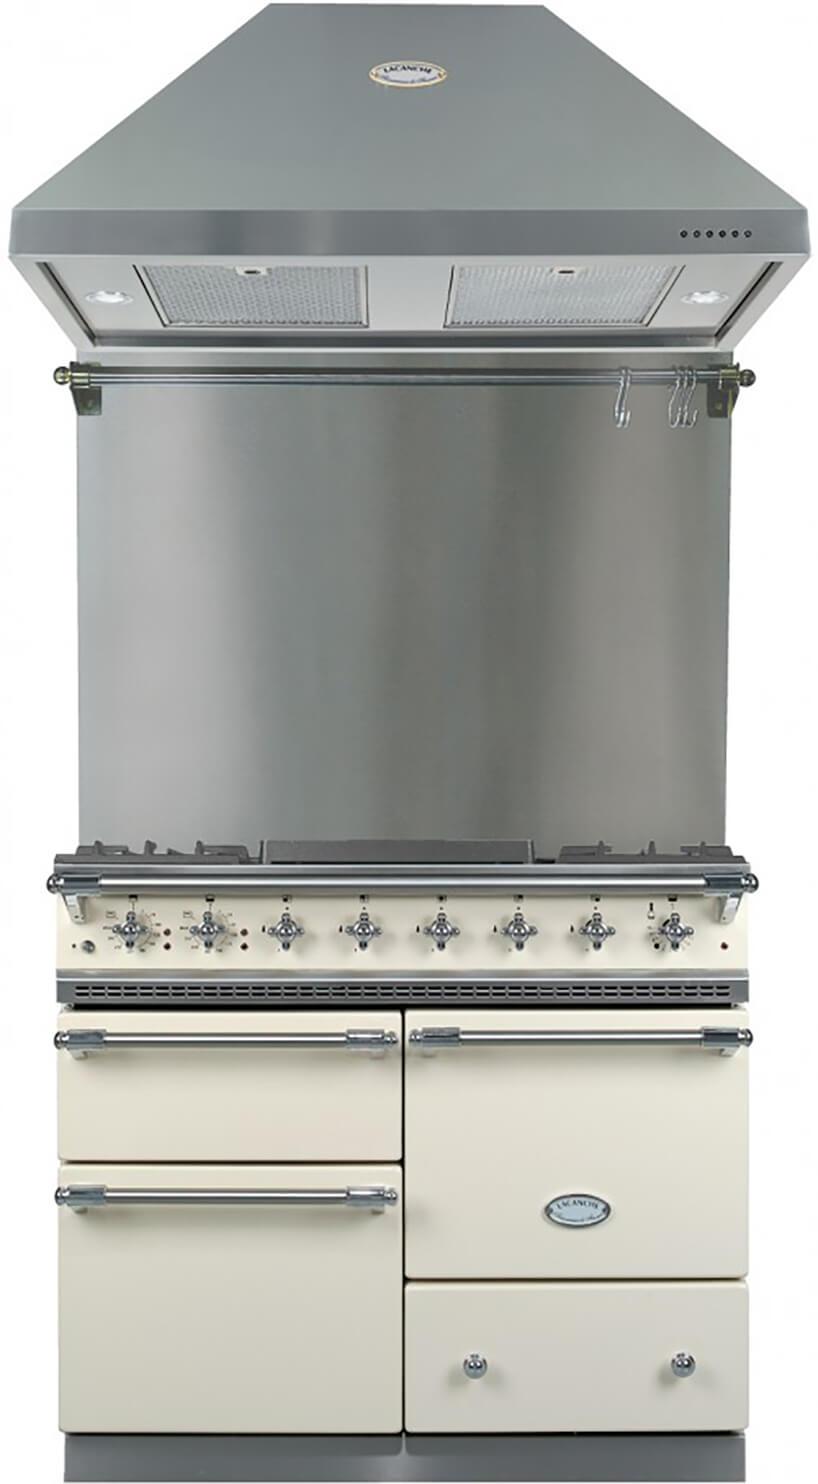 srebrny klasyczny okap Lacanche na elegancką beżową kuchnią wstylu retro